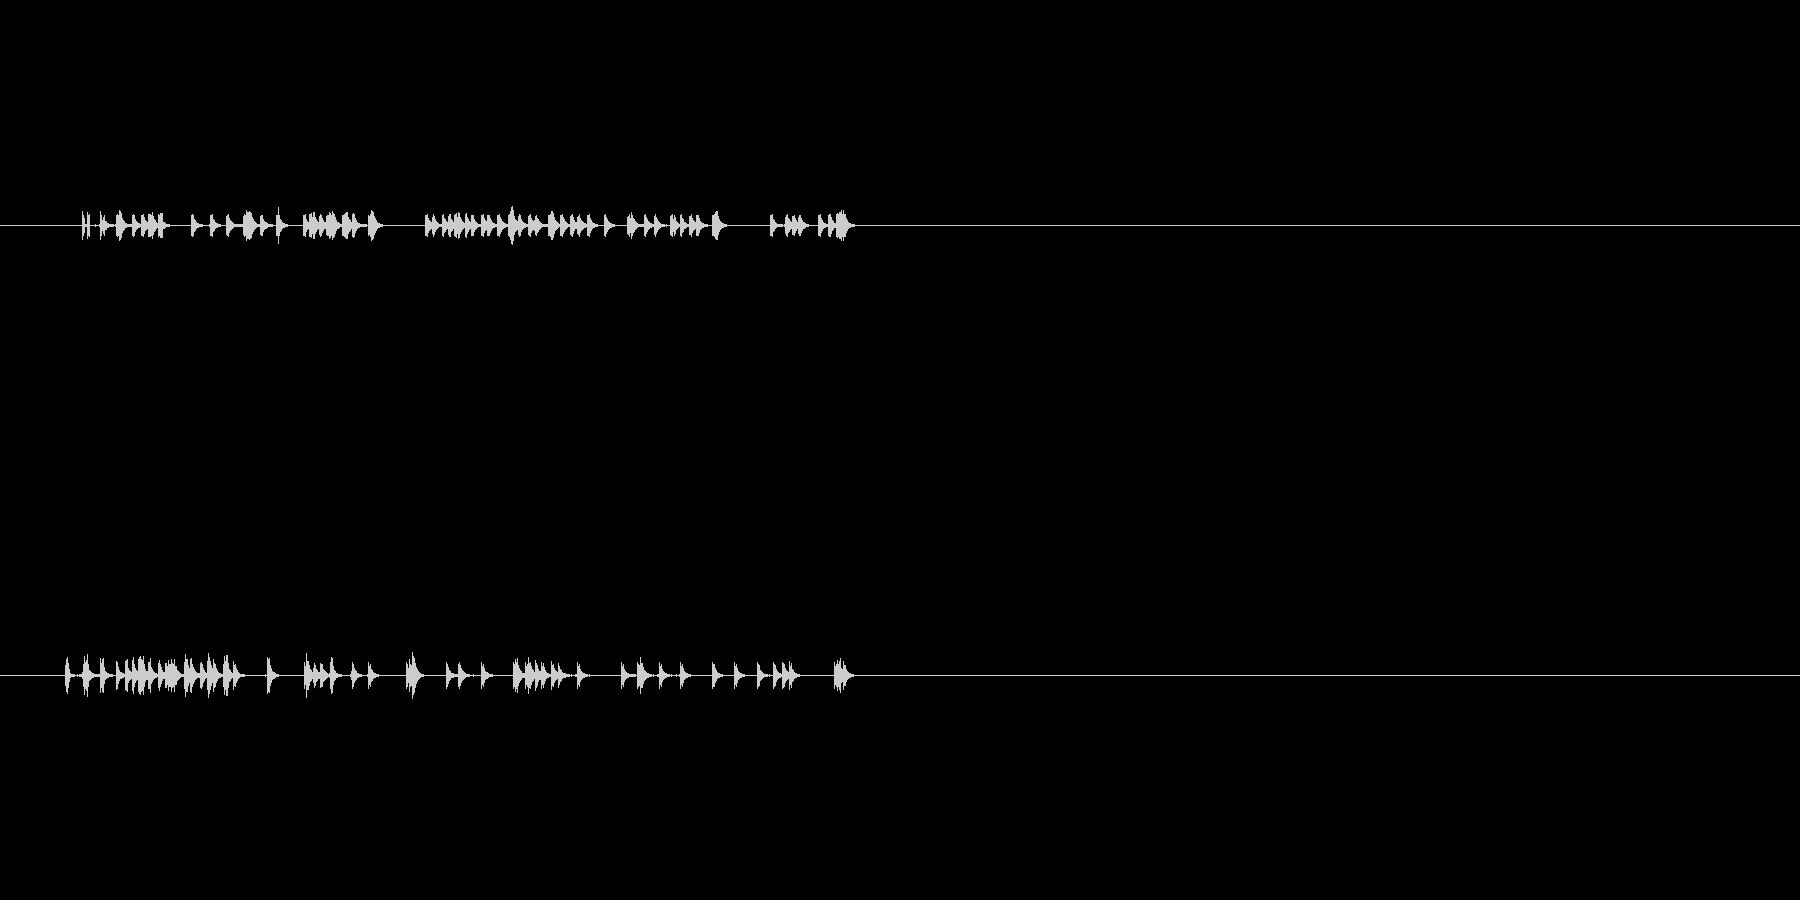 ゲーム、映像などに使える音ですの未再生の波形